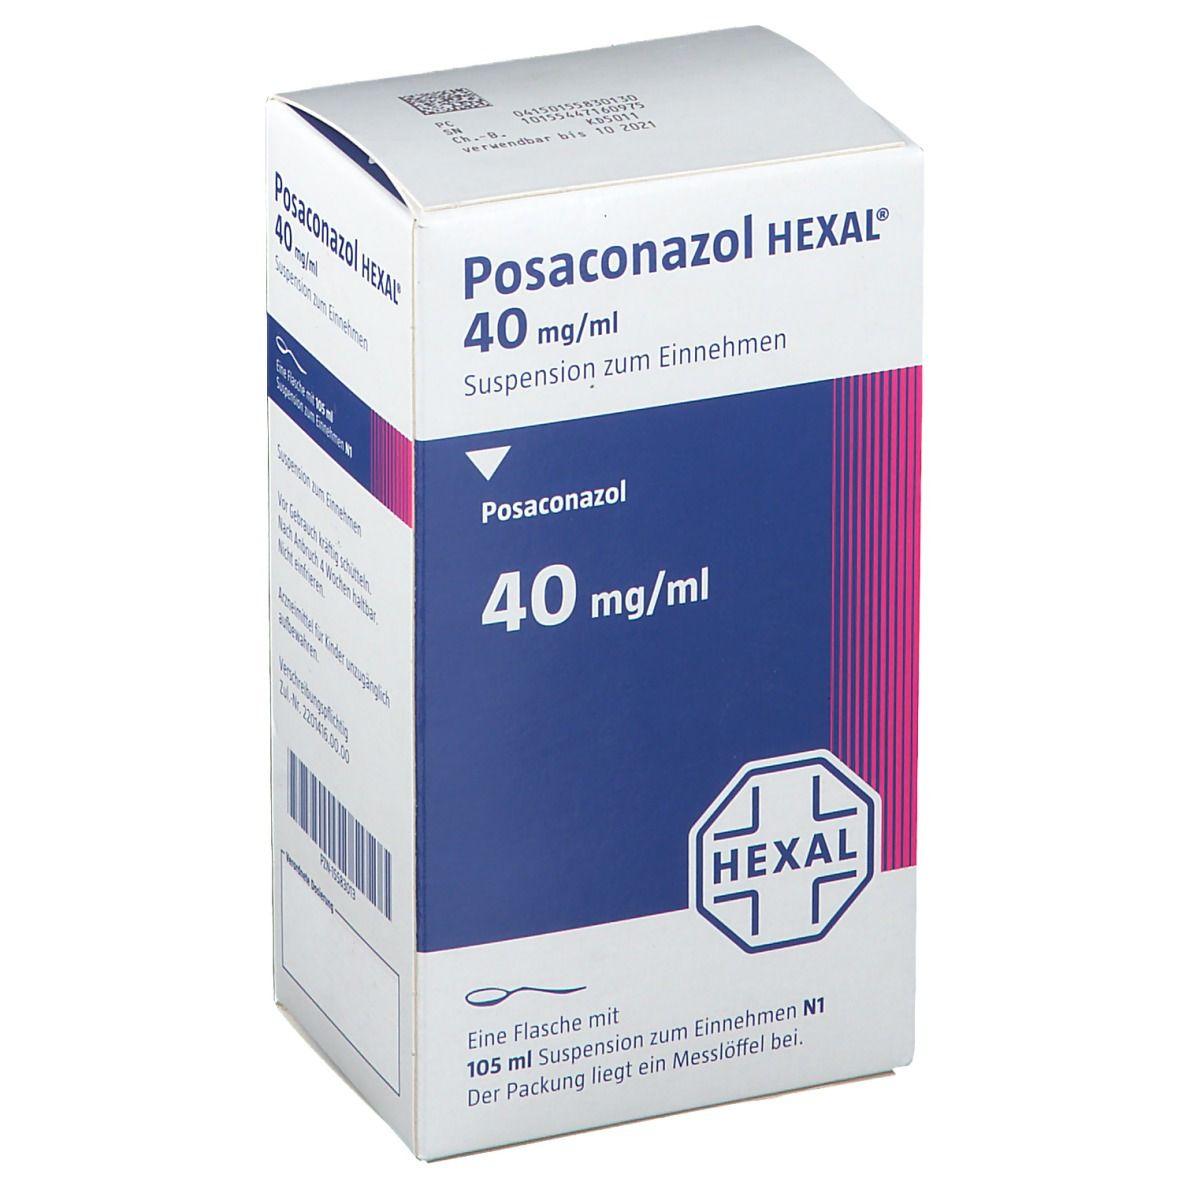 Posaconazol HEXAL® 40 mg/ml Suspension zum Einnehmen